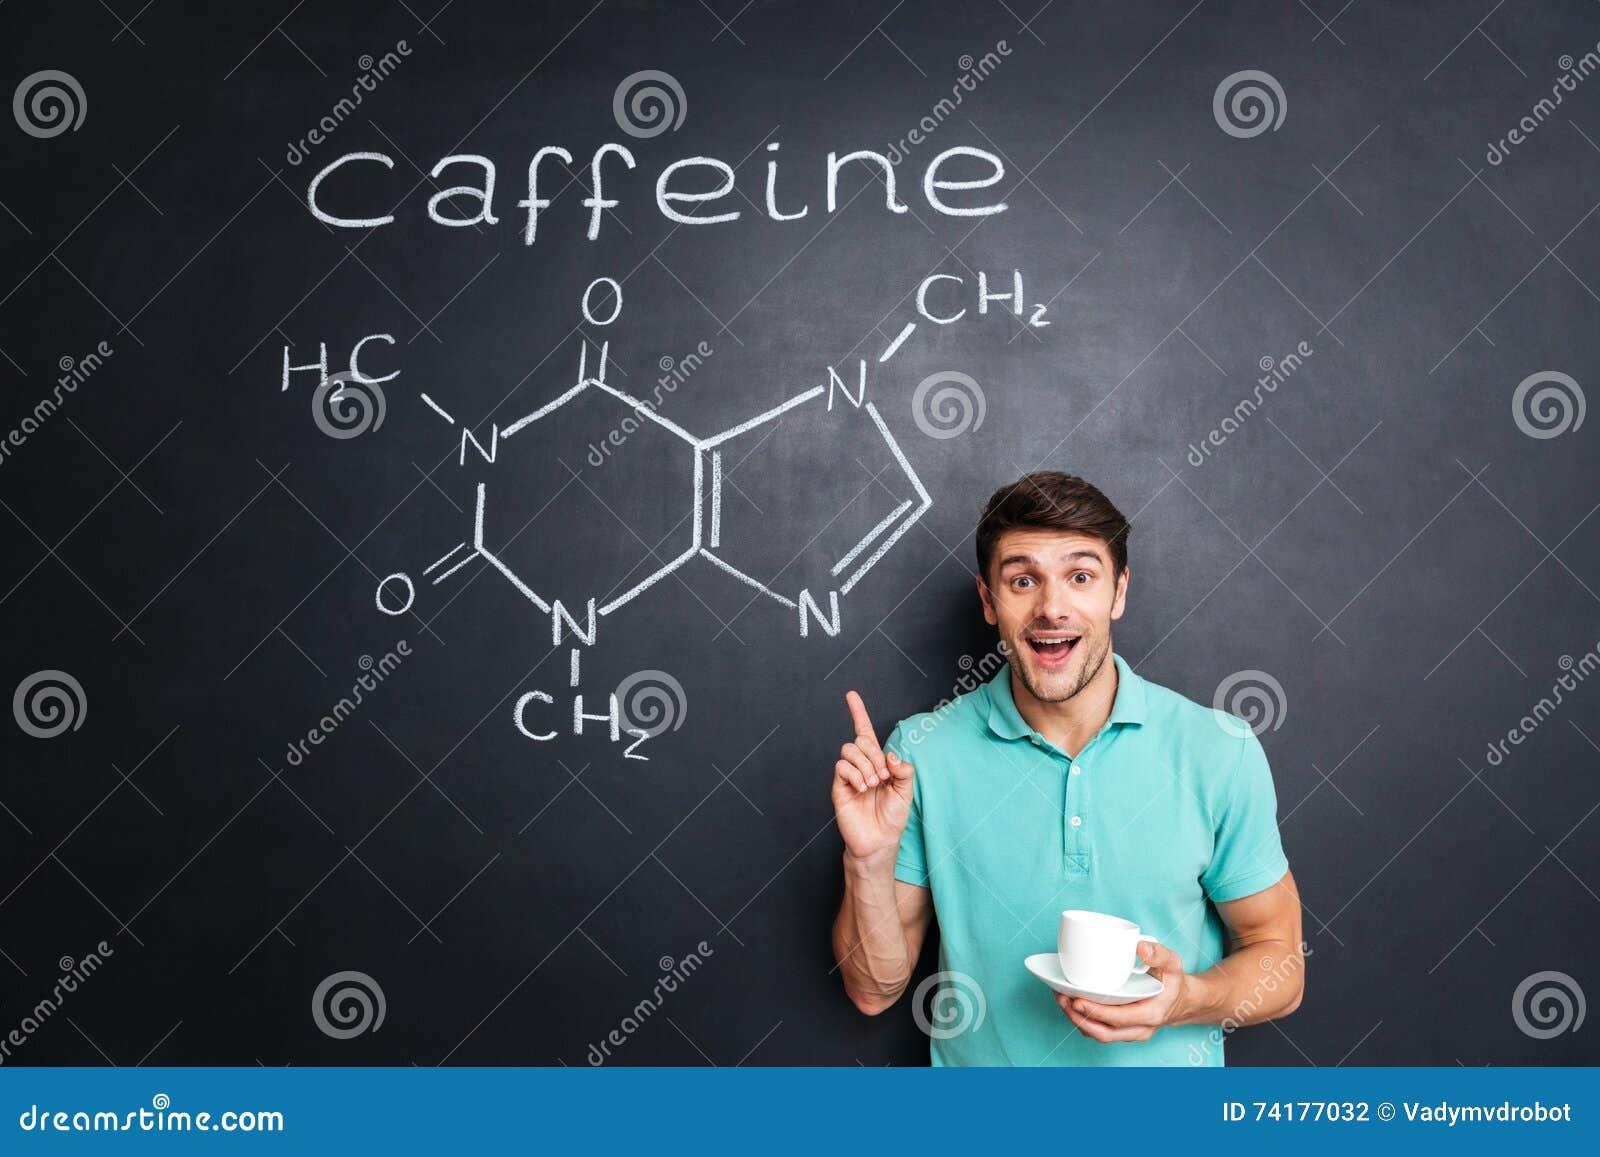 指向在拉长的咖啡因分子化学结构的微笑的年轻人